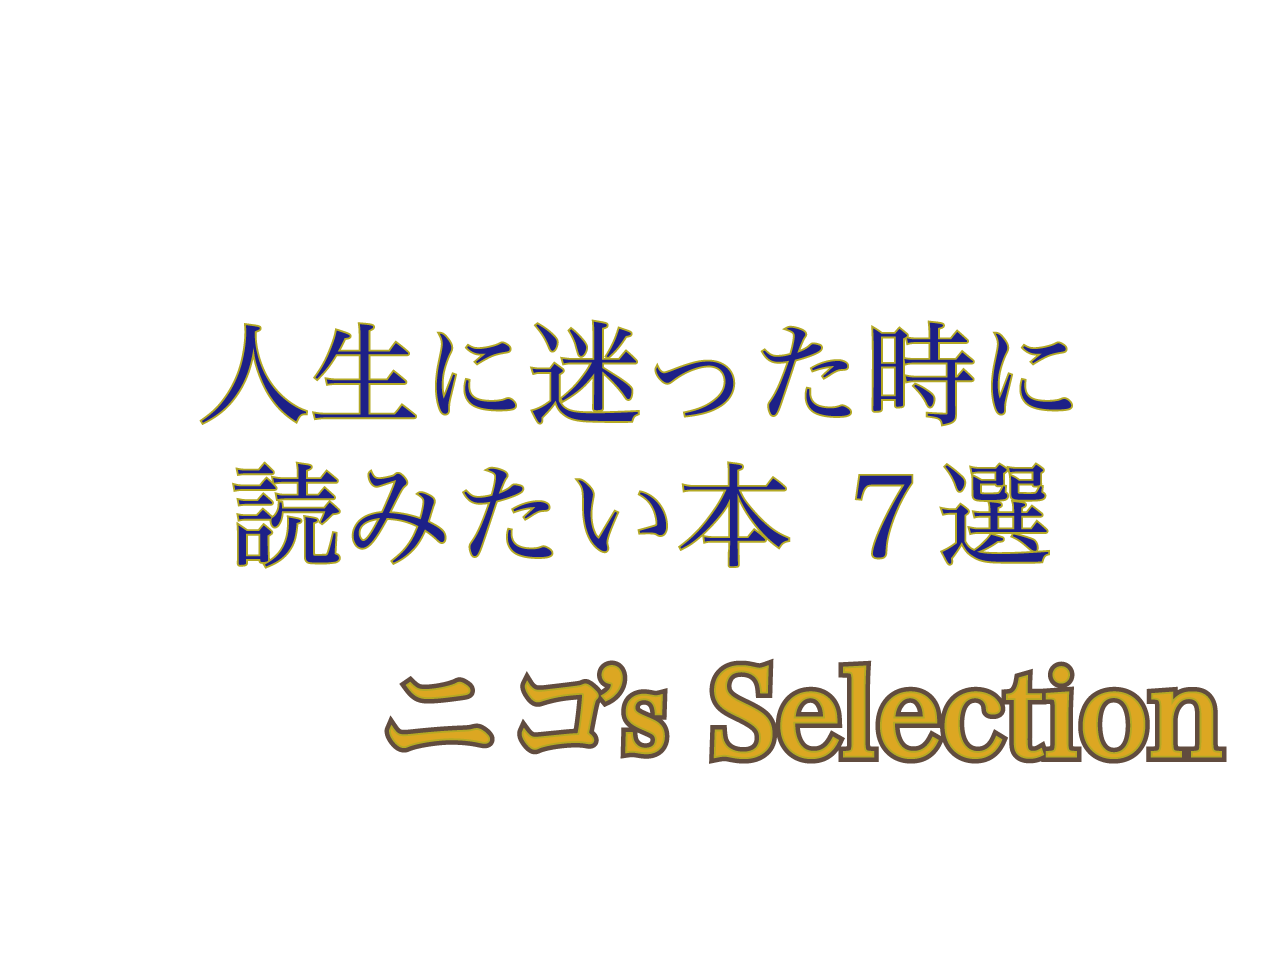 人生に迷った時に読みたい本7選 ニコ's Selection